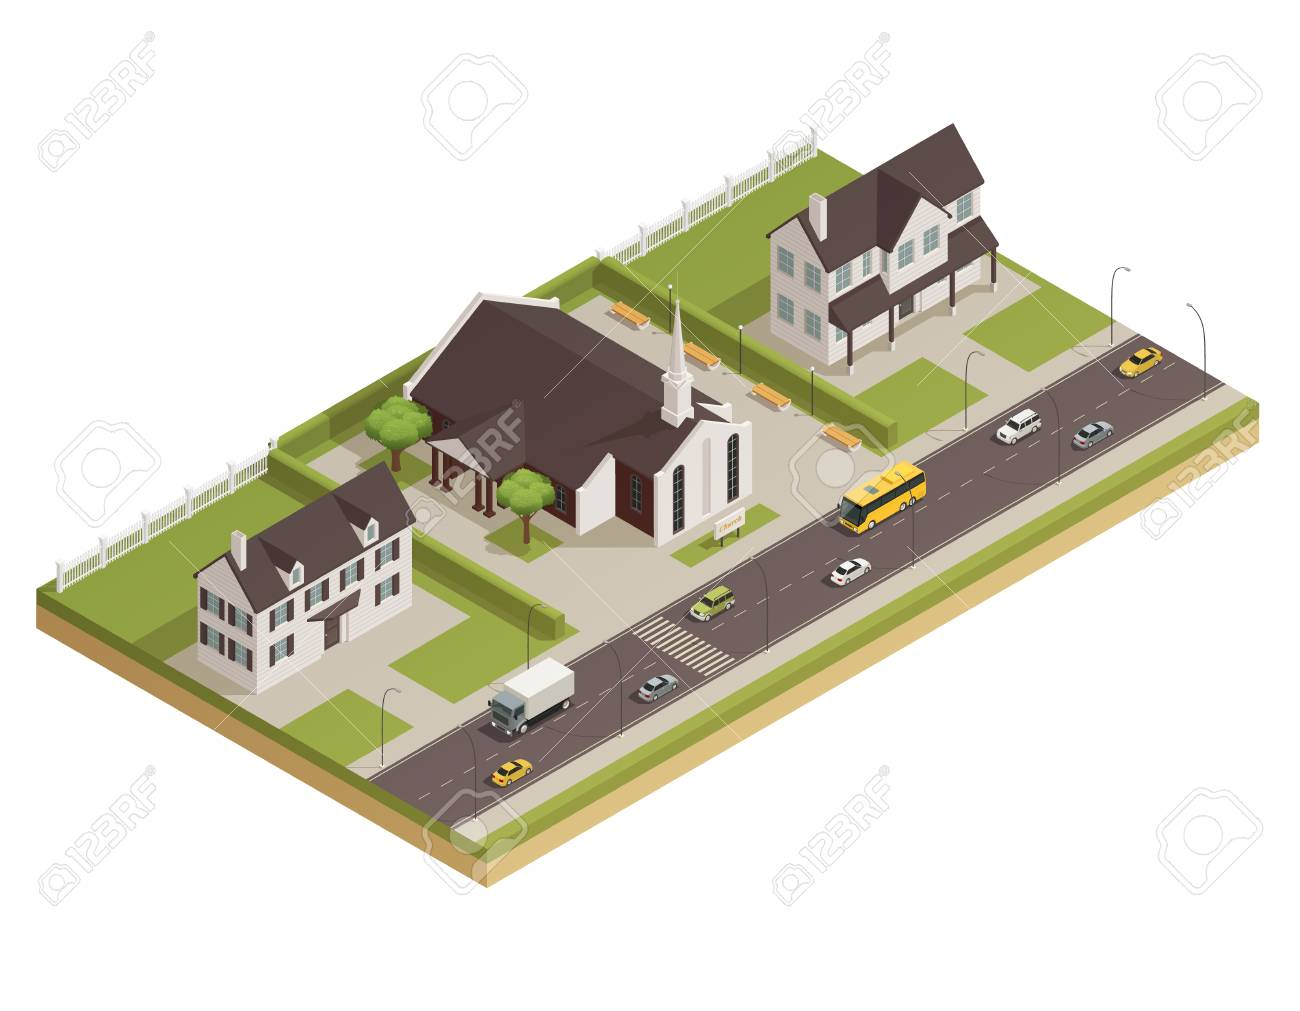 Plan Der Zeitgenössischen Häuser - sohoart.co - Idee e immagini di ...